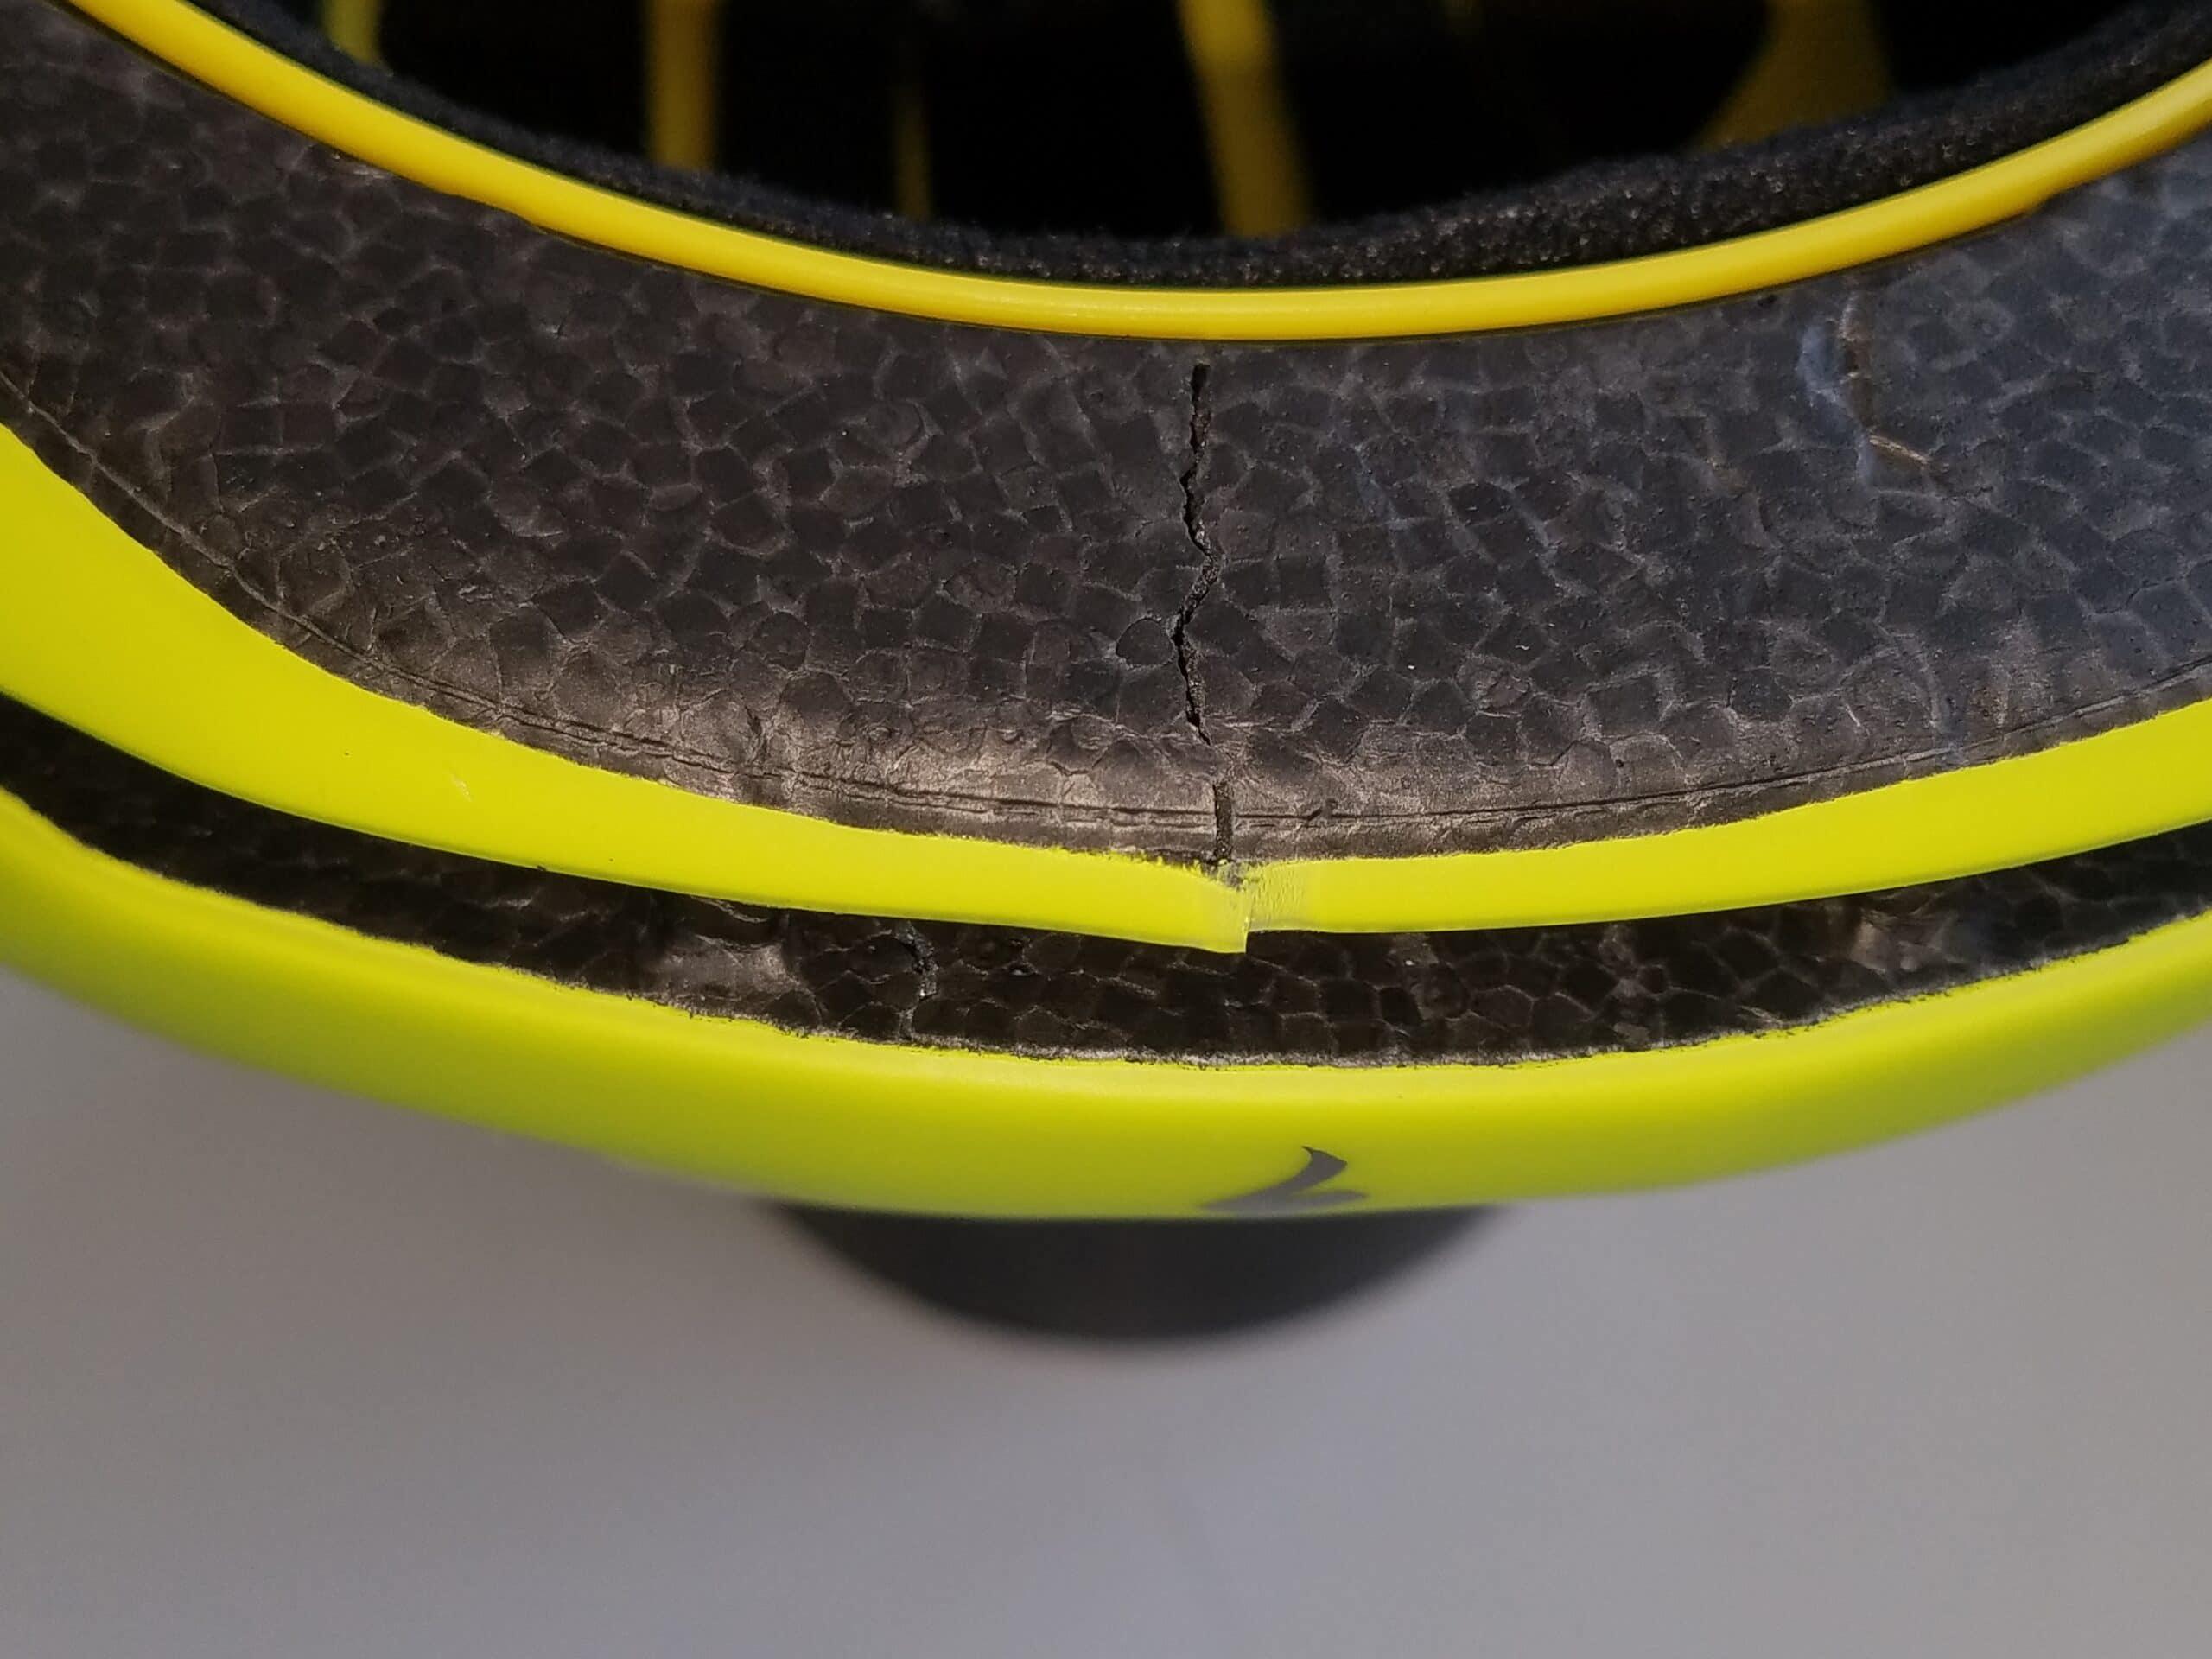 Detailaufnahme von Specialized-Helm zeigt Riss